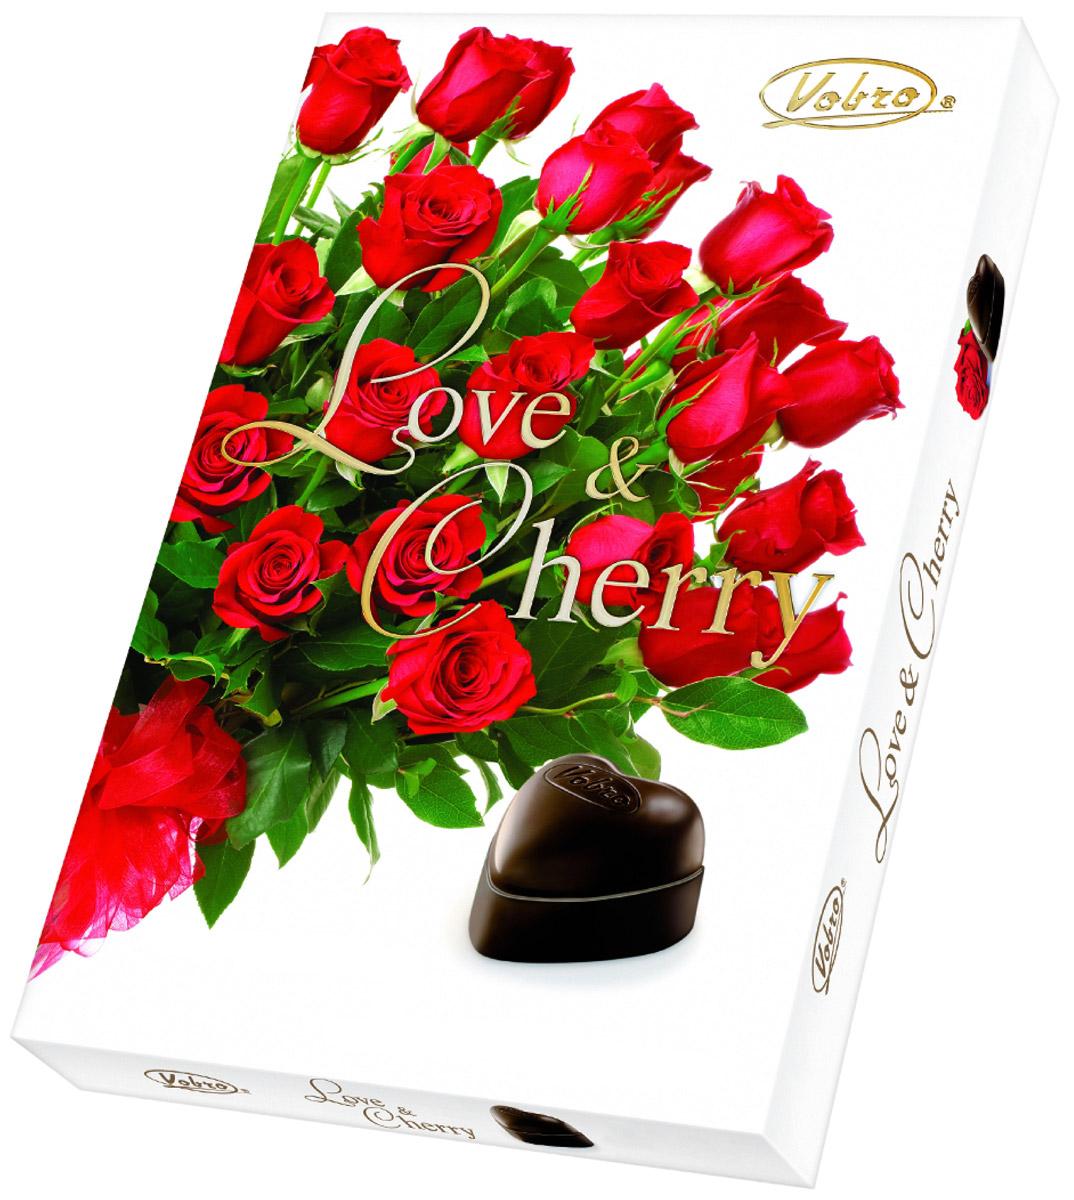 Vobro Love&Cherry Любовь и вишня набор шоколадных конфет вишня в ликере, 187 г vobro frutti di mare набор шоколадных конфет в виде морских ракушек 175 г